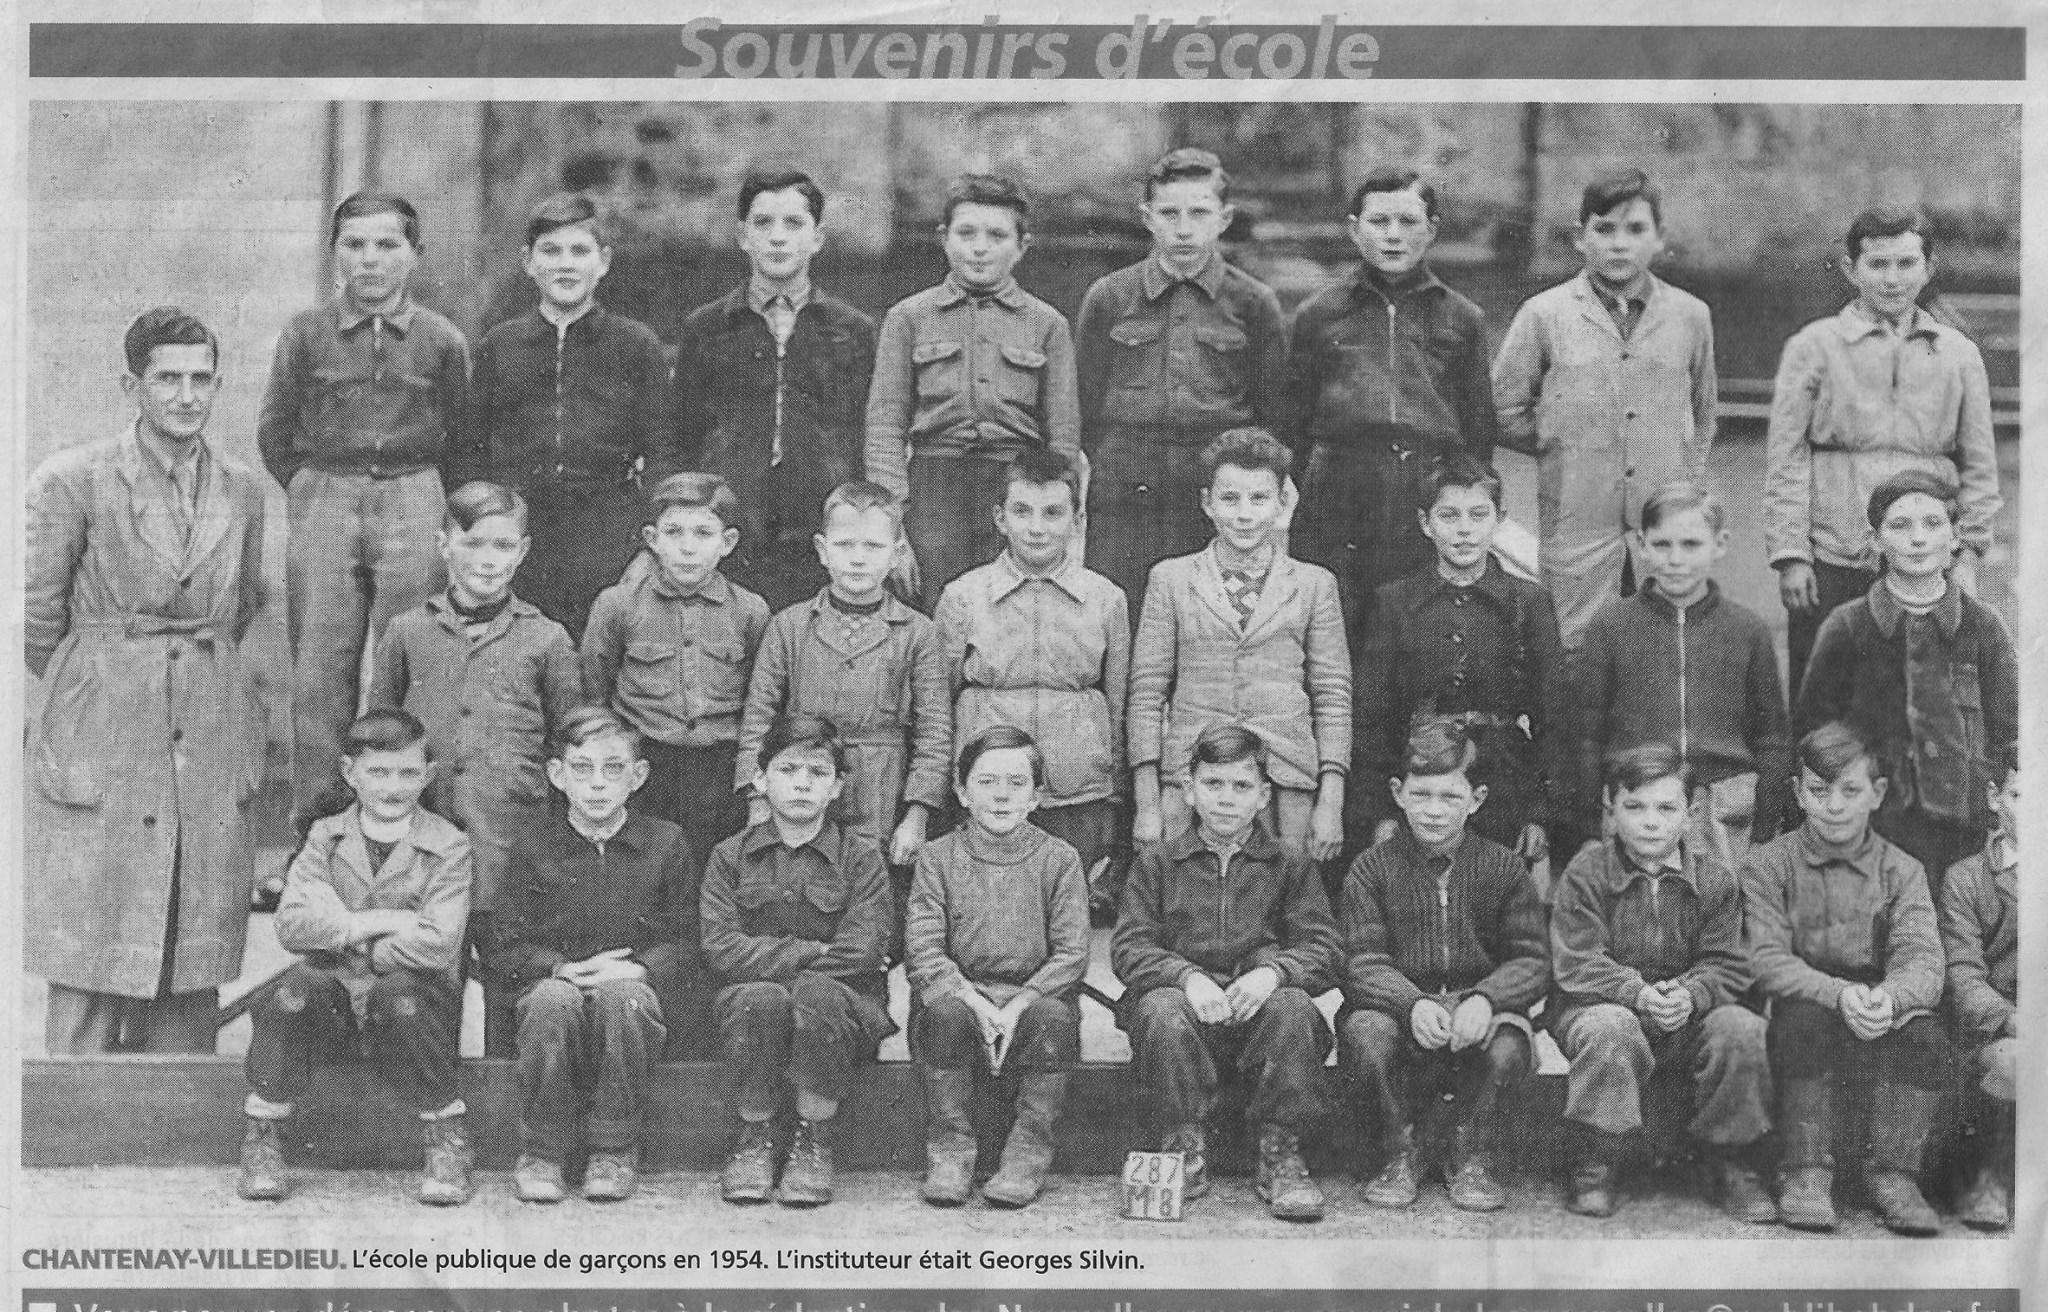 Chantenay Villedieu - Groupes - Photos de classe - Ecole publique de garçons - Instituteur SILVIN Georges - 1954